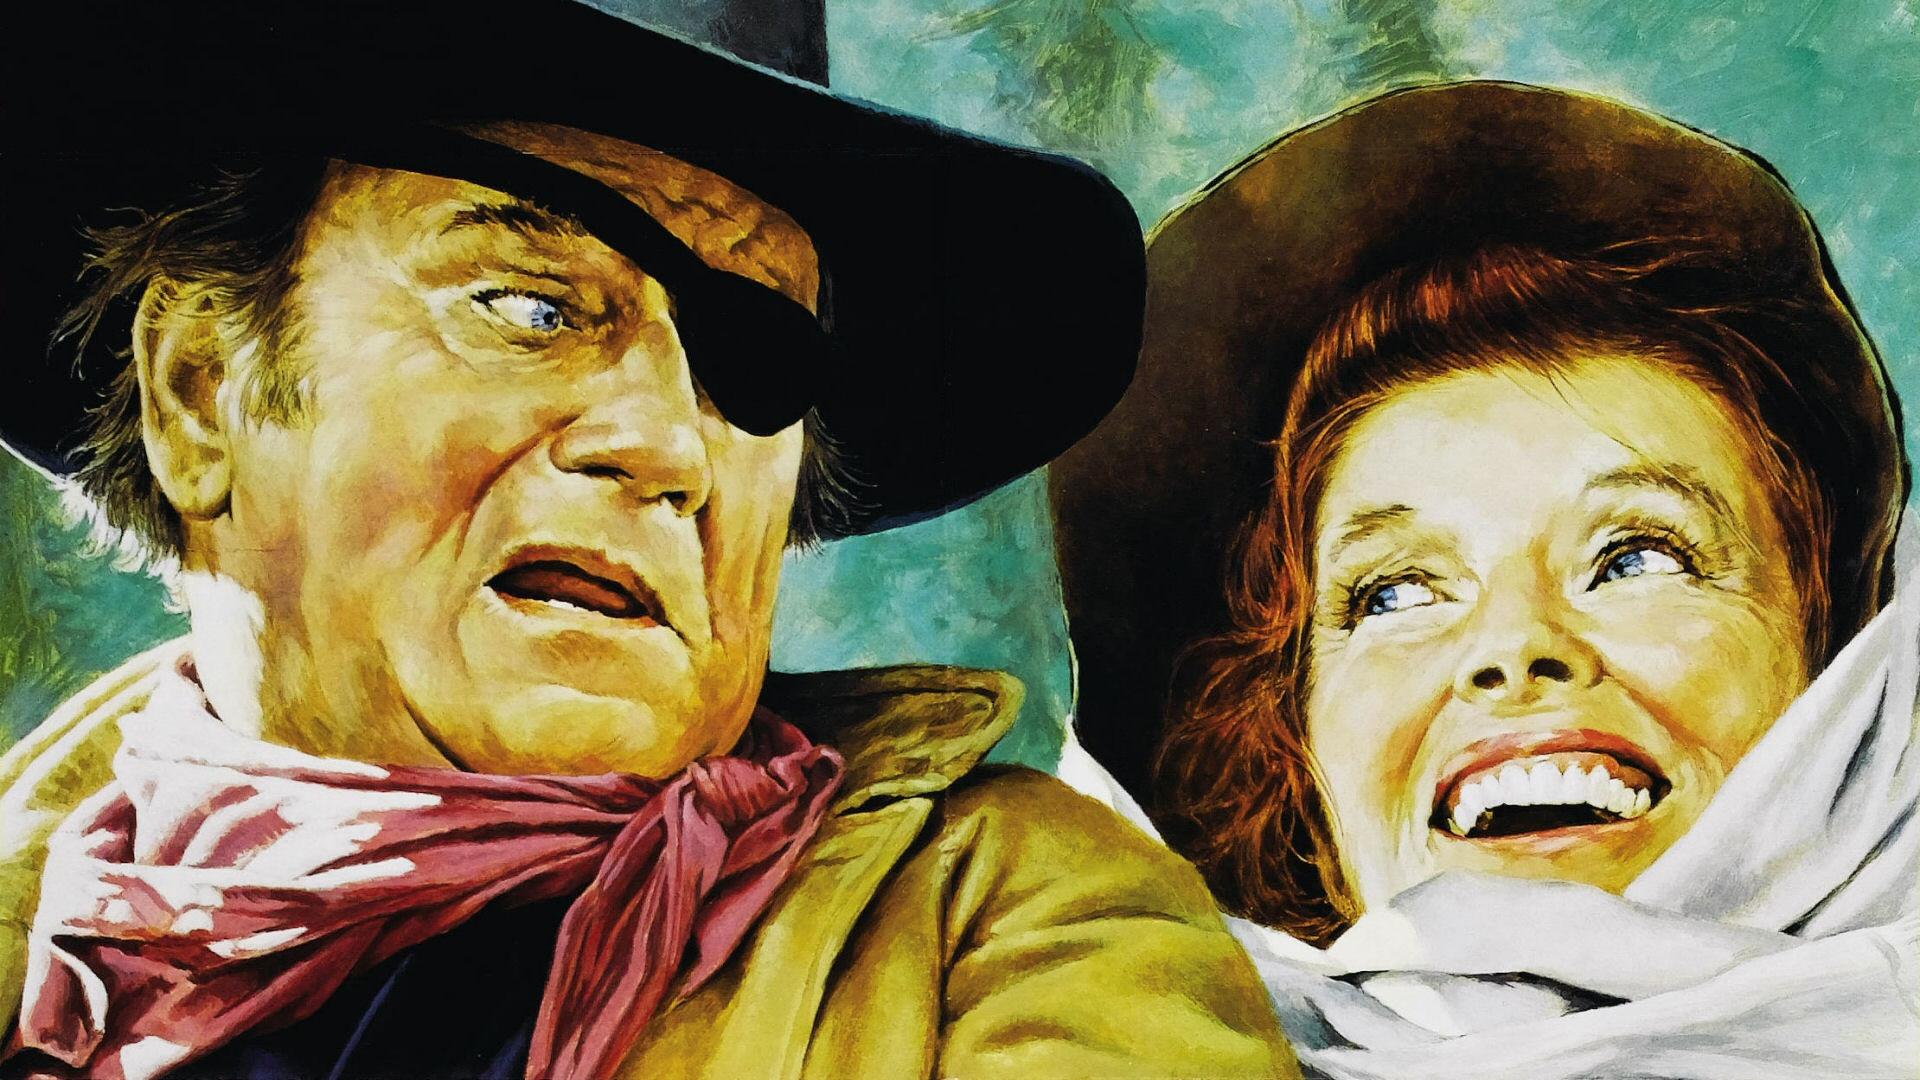 John Wayne Terrified HD Wallpaper FullHDWpp   Full HD Wallpapers 1920x1080